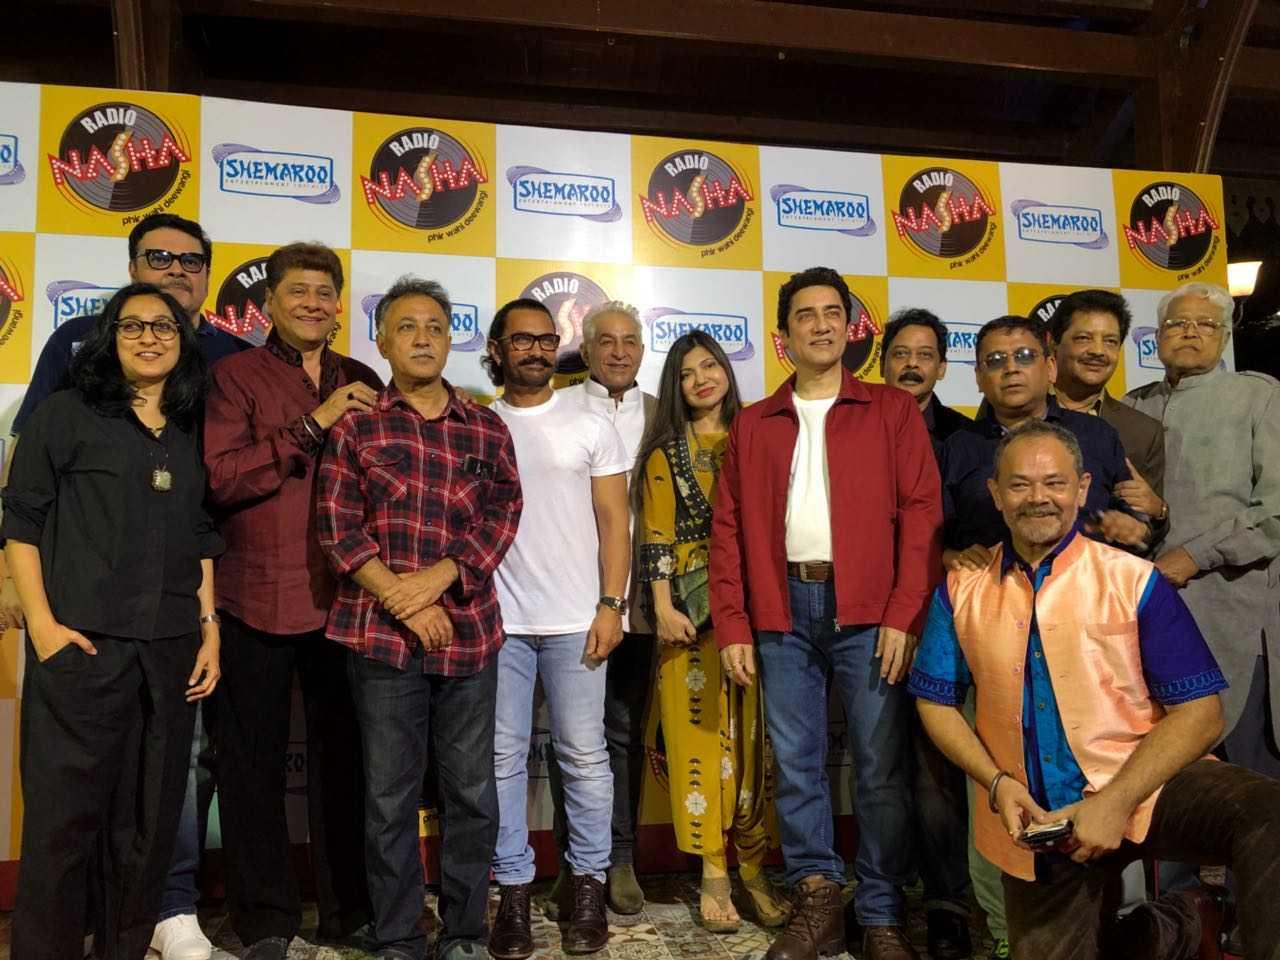 पूरे परिवार के साथ अपनी पहली फ़िल्म की स्क्रीनिंग में पहुंचे आमिर खान !